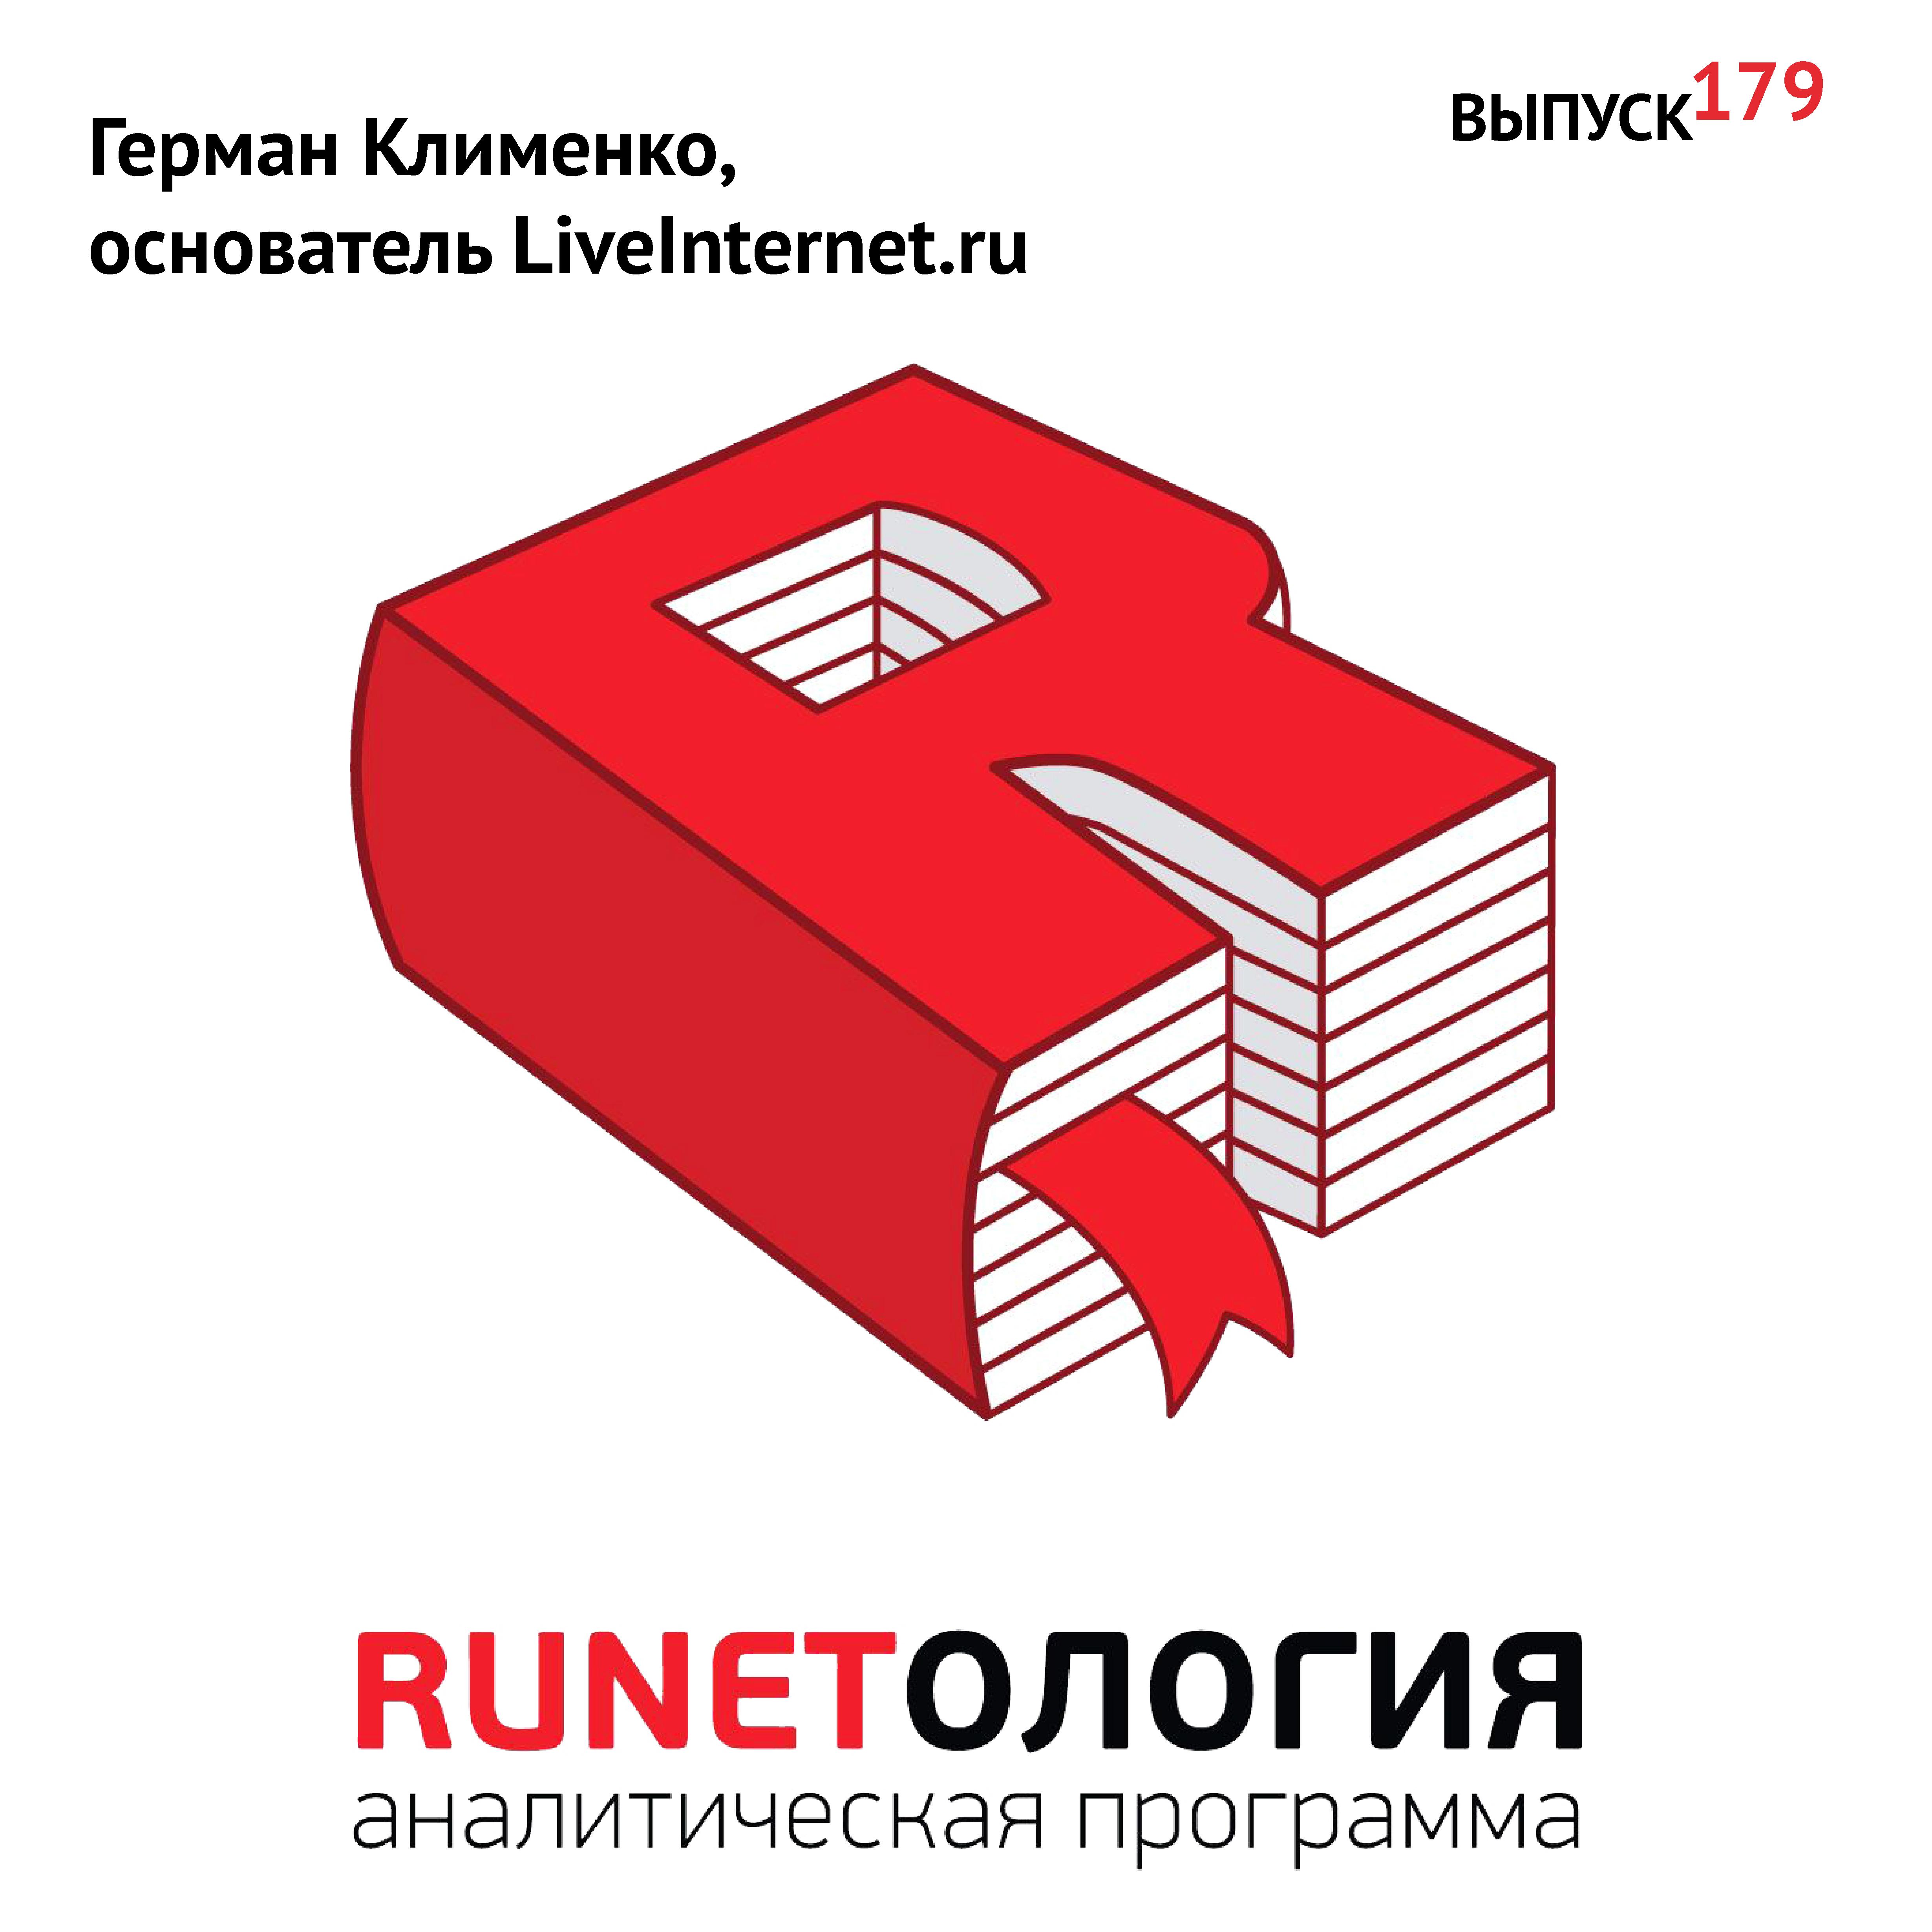 Максим Спиридонов Герман Клименко, основатель LiveInternet.ru